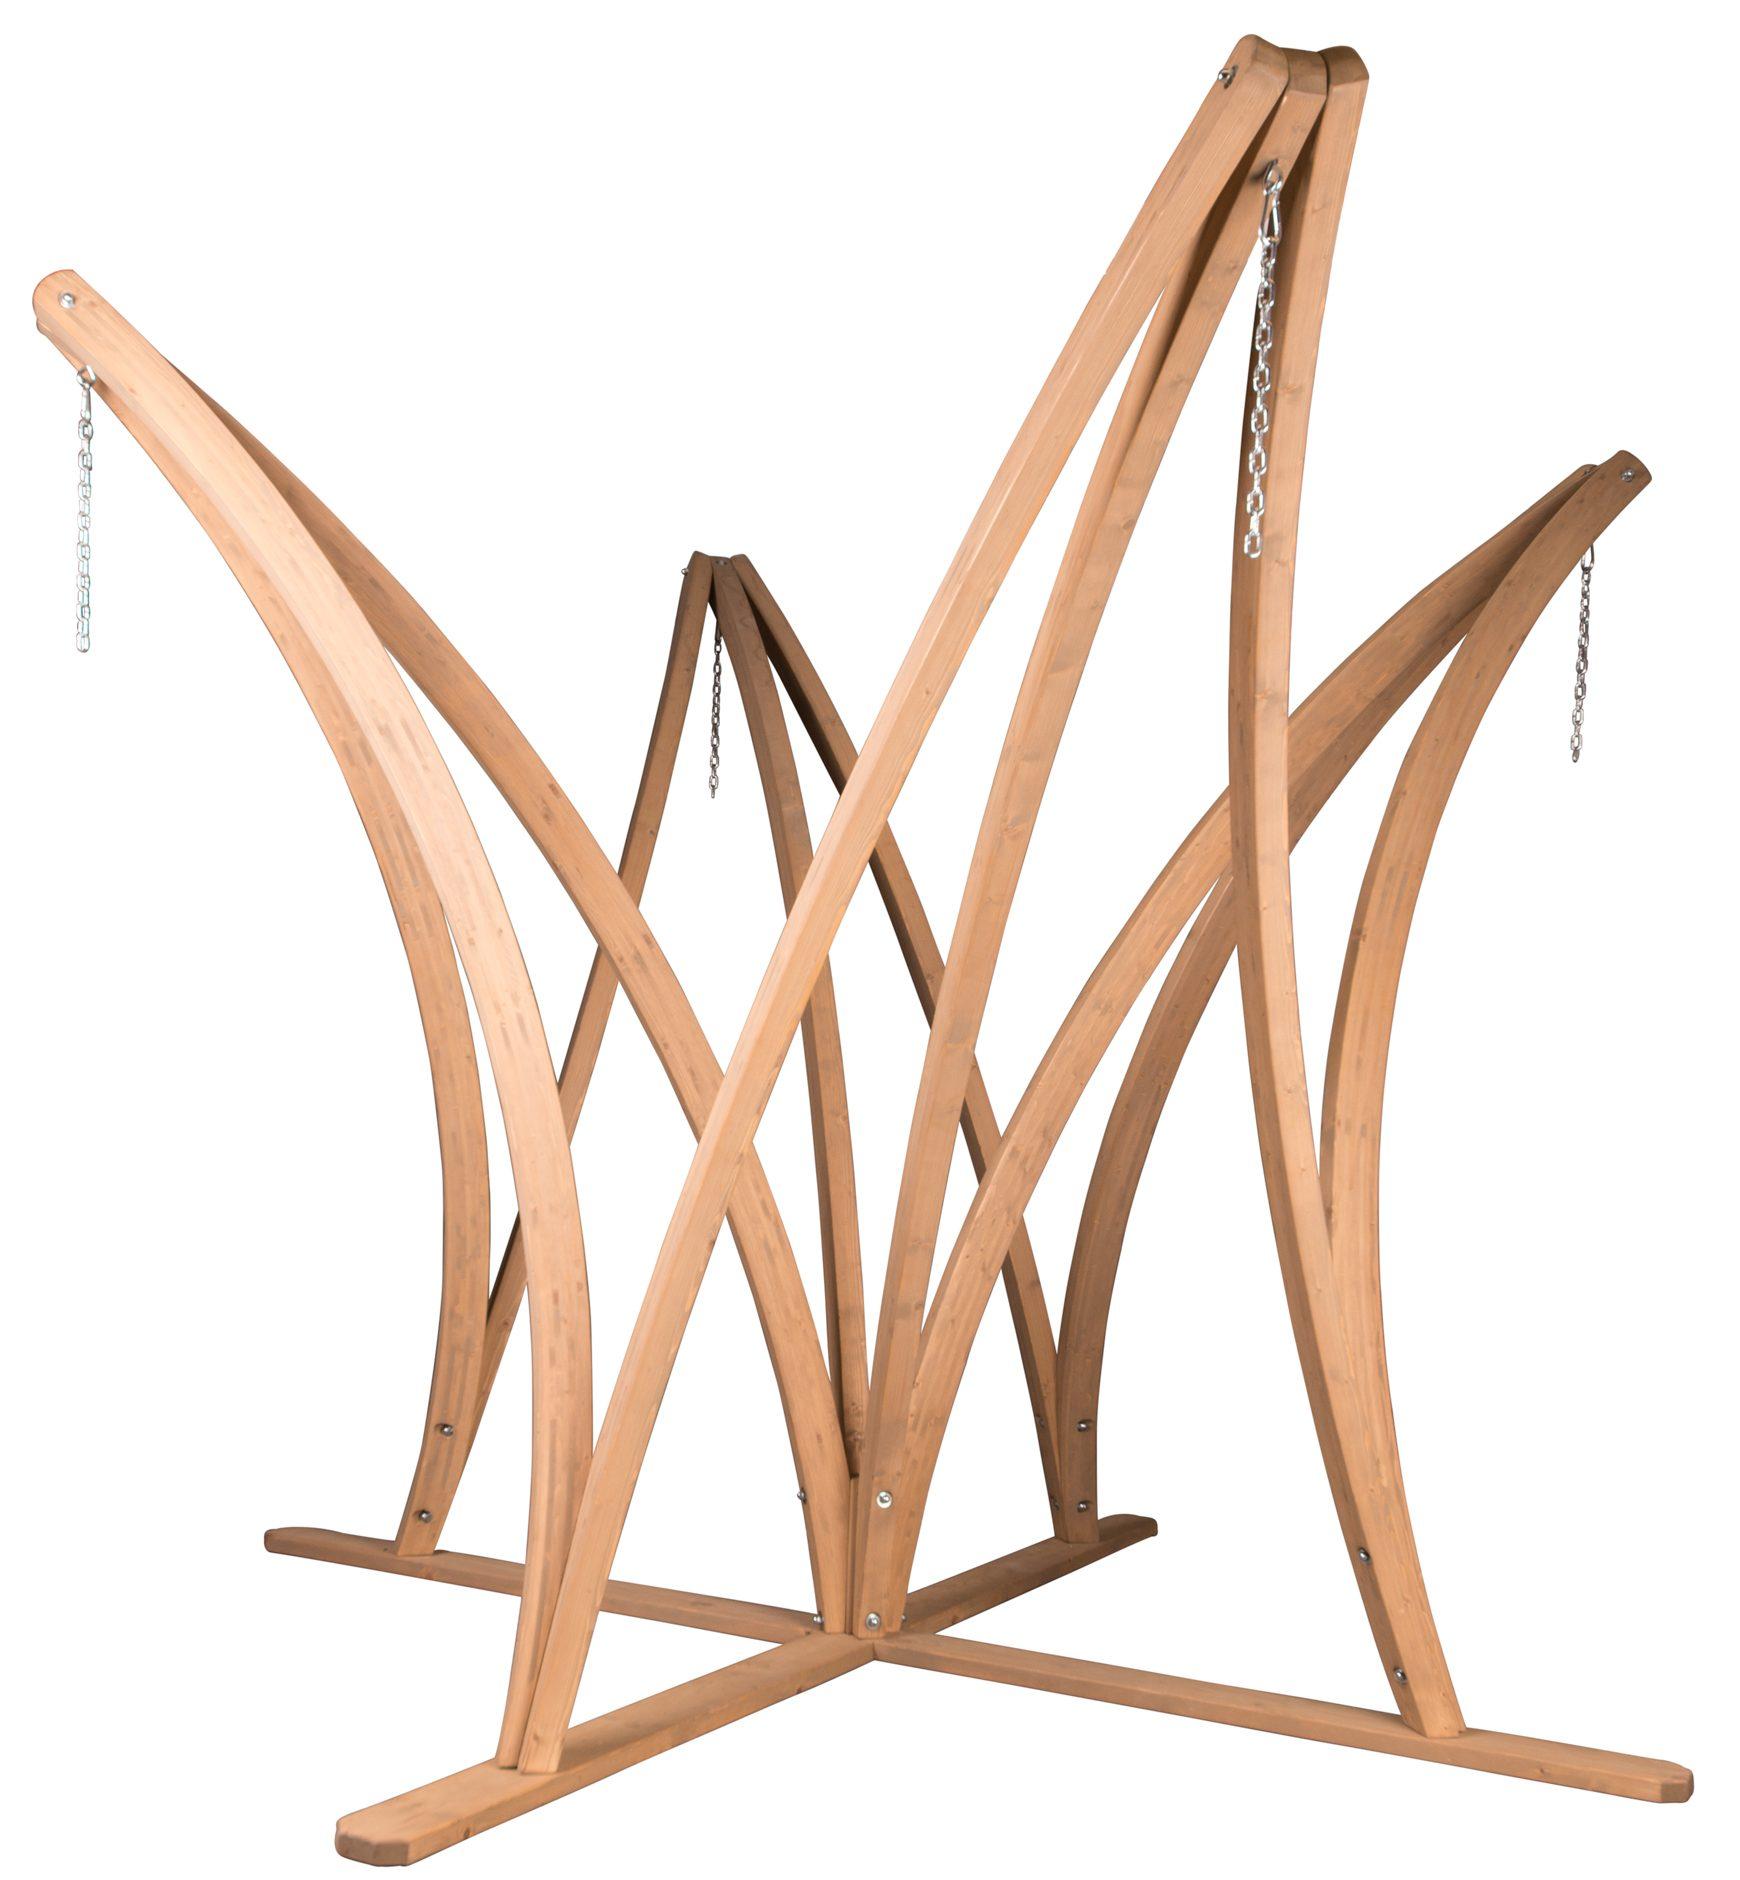 Prime Review The Best Hammock Chair Stands Inzonedesignstudio Interior Chair Design Inzonedesignstudiocom